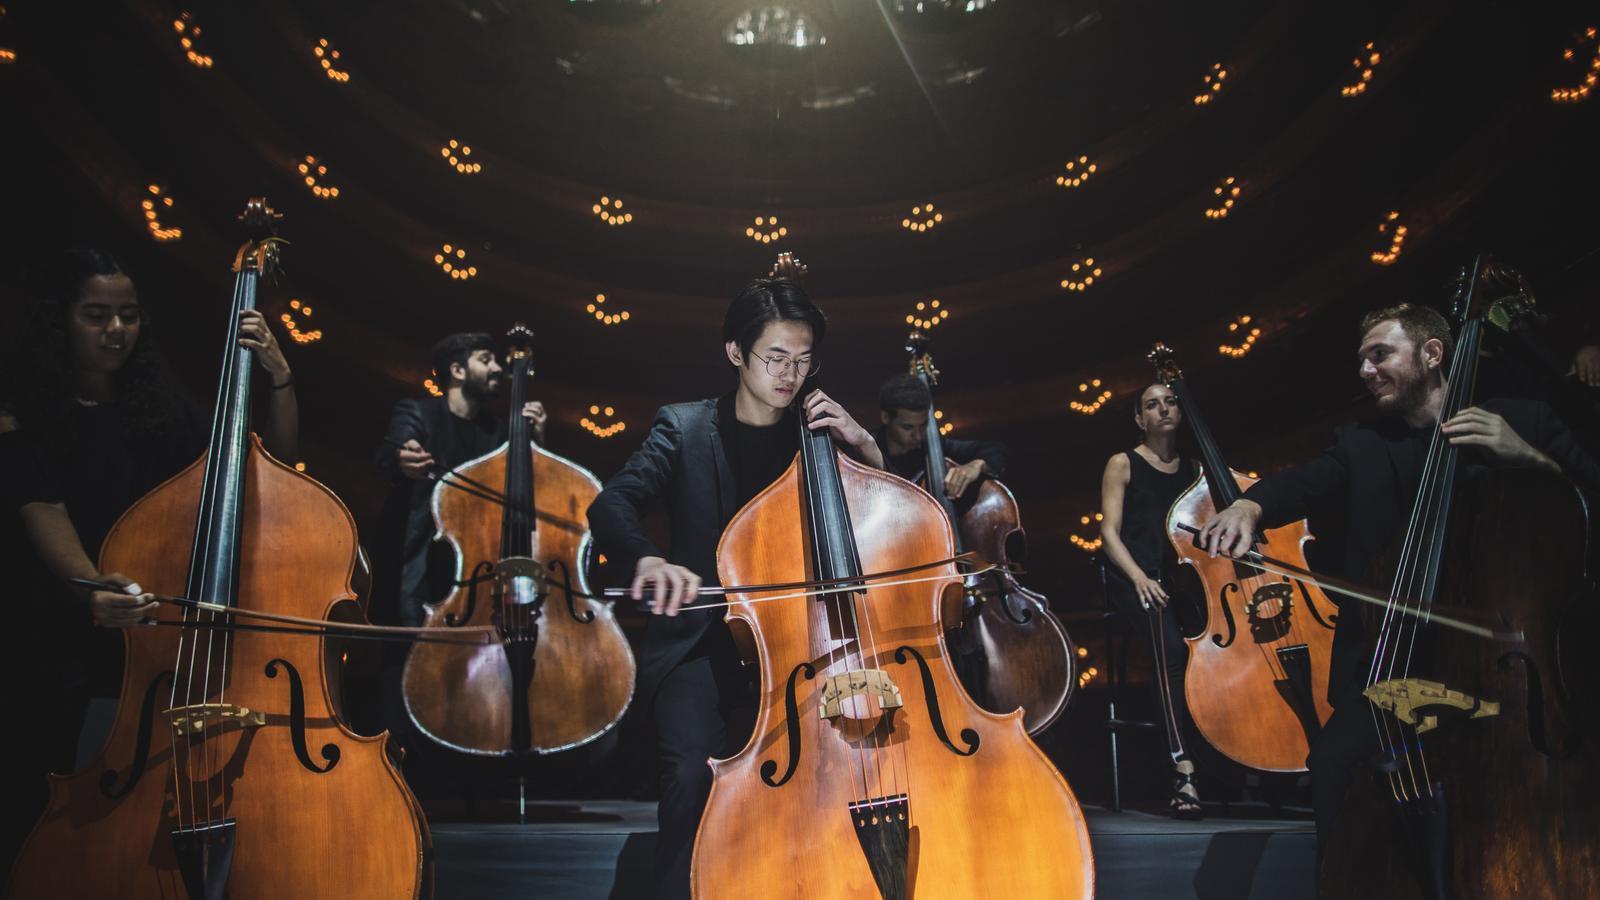 Una imatge de la pel·lícula de realitat virtual 'Symphony'